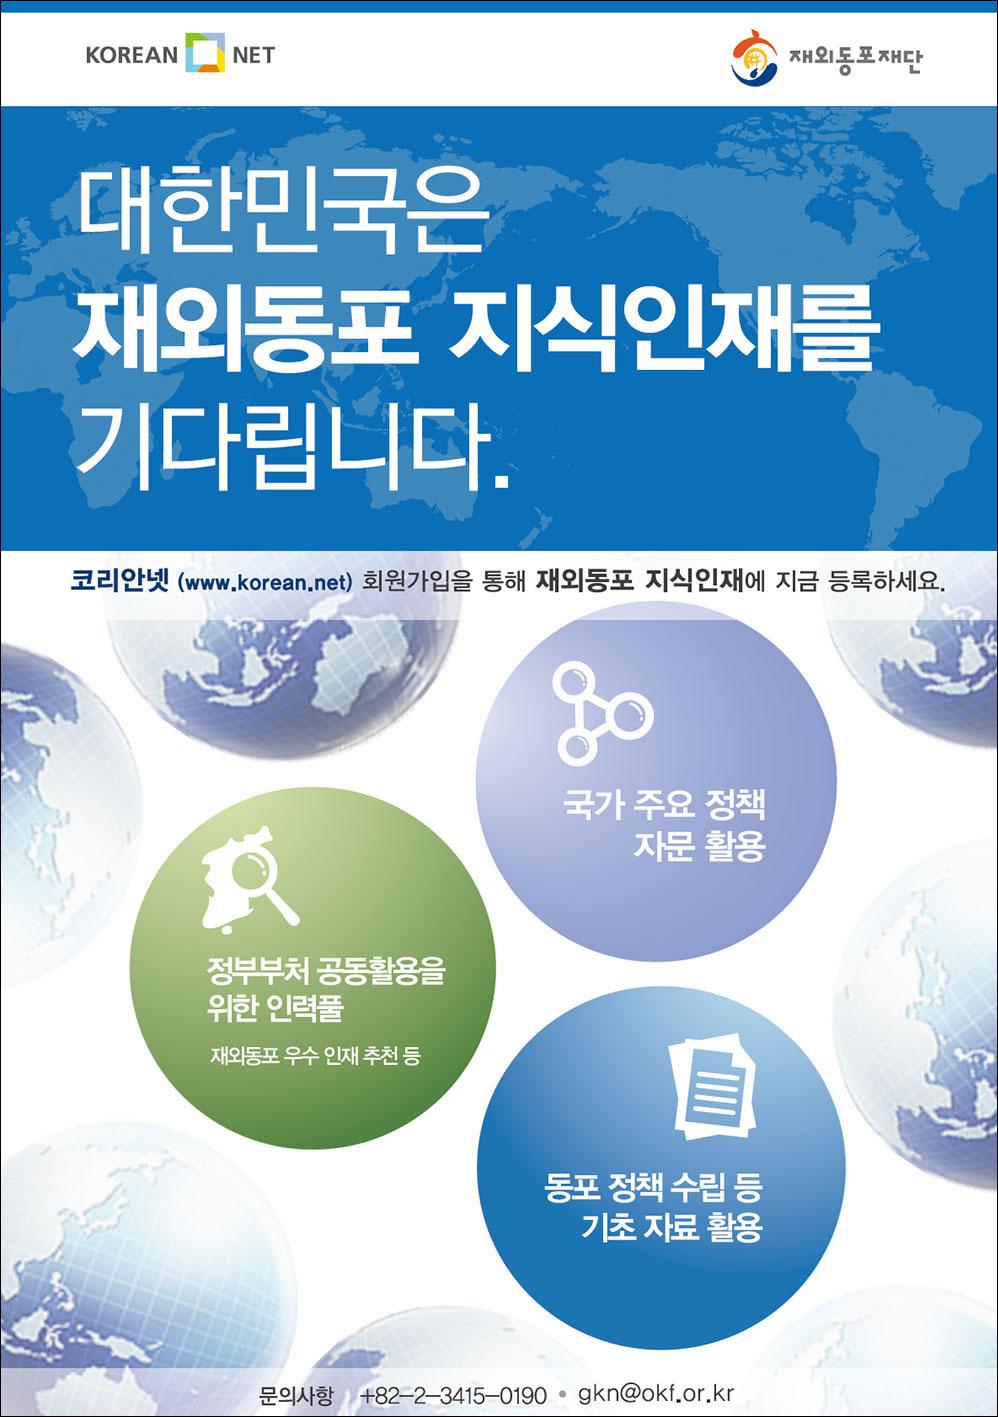 878-koreannet.jpg